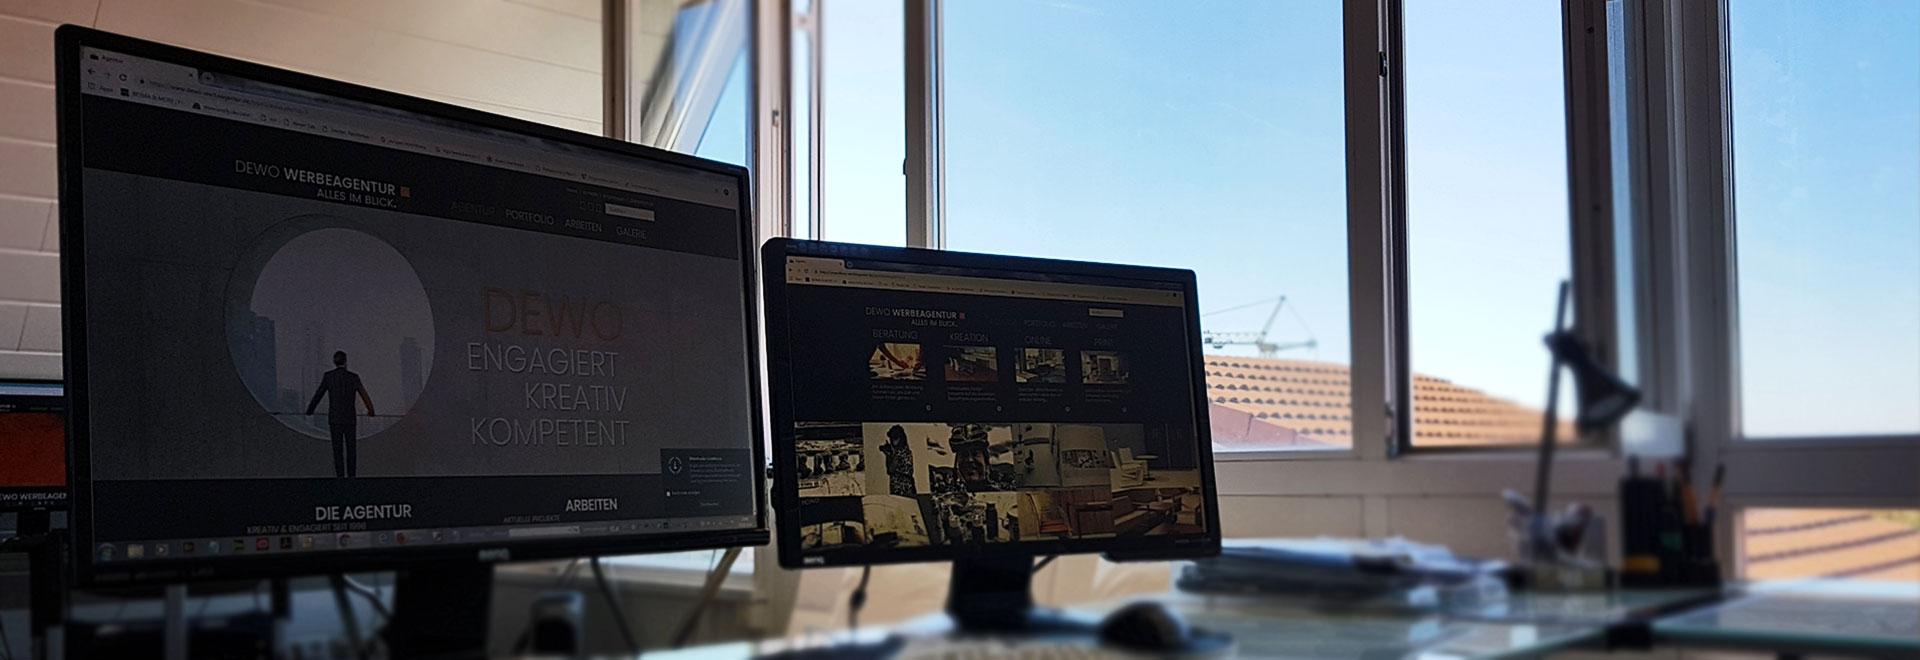 DeWo Werbeagentur-Softwareentwicklung/Programmierung